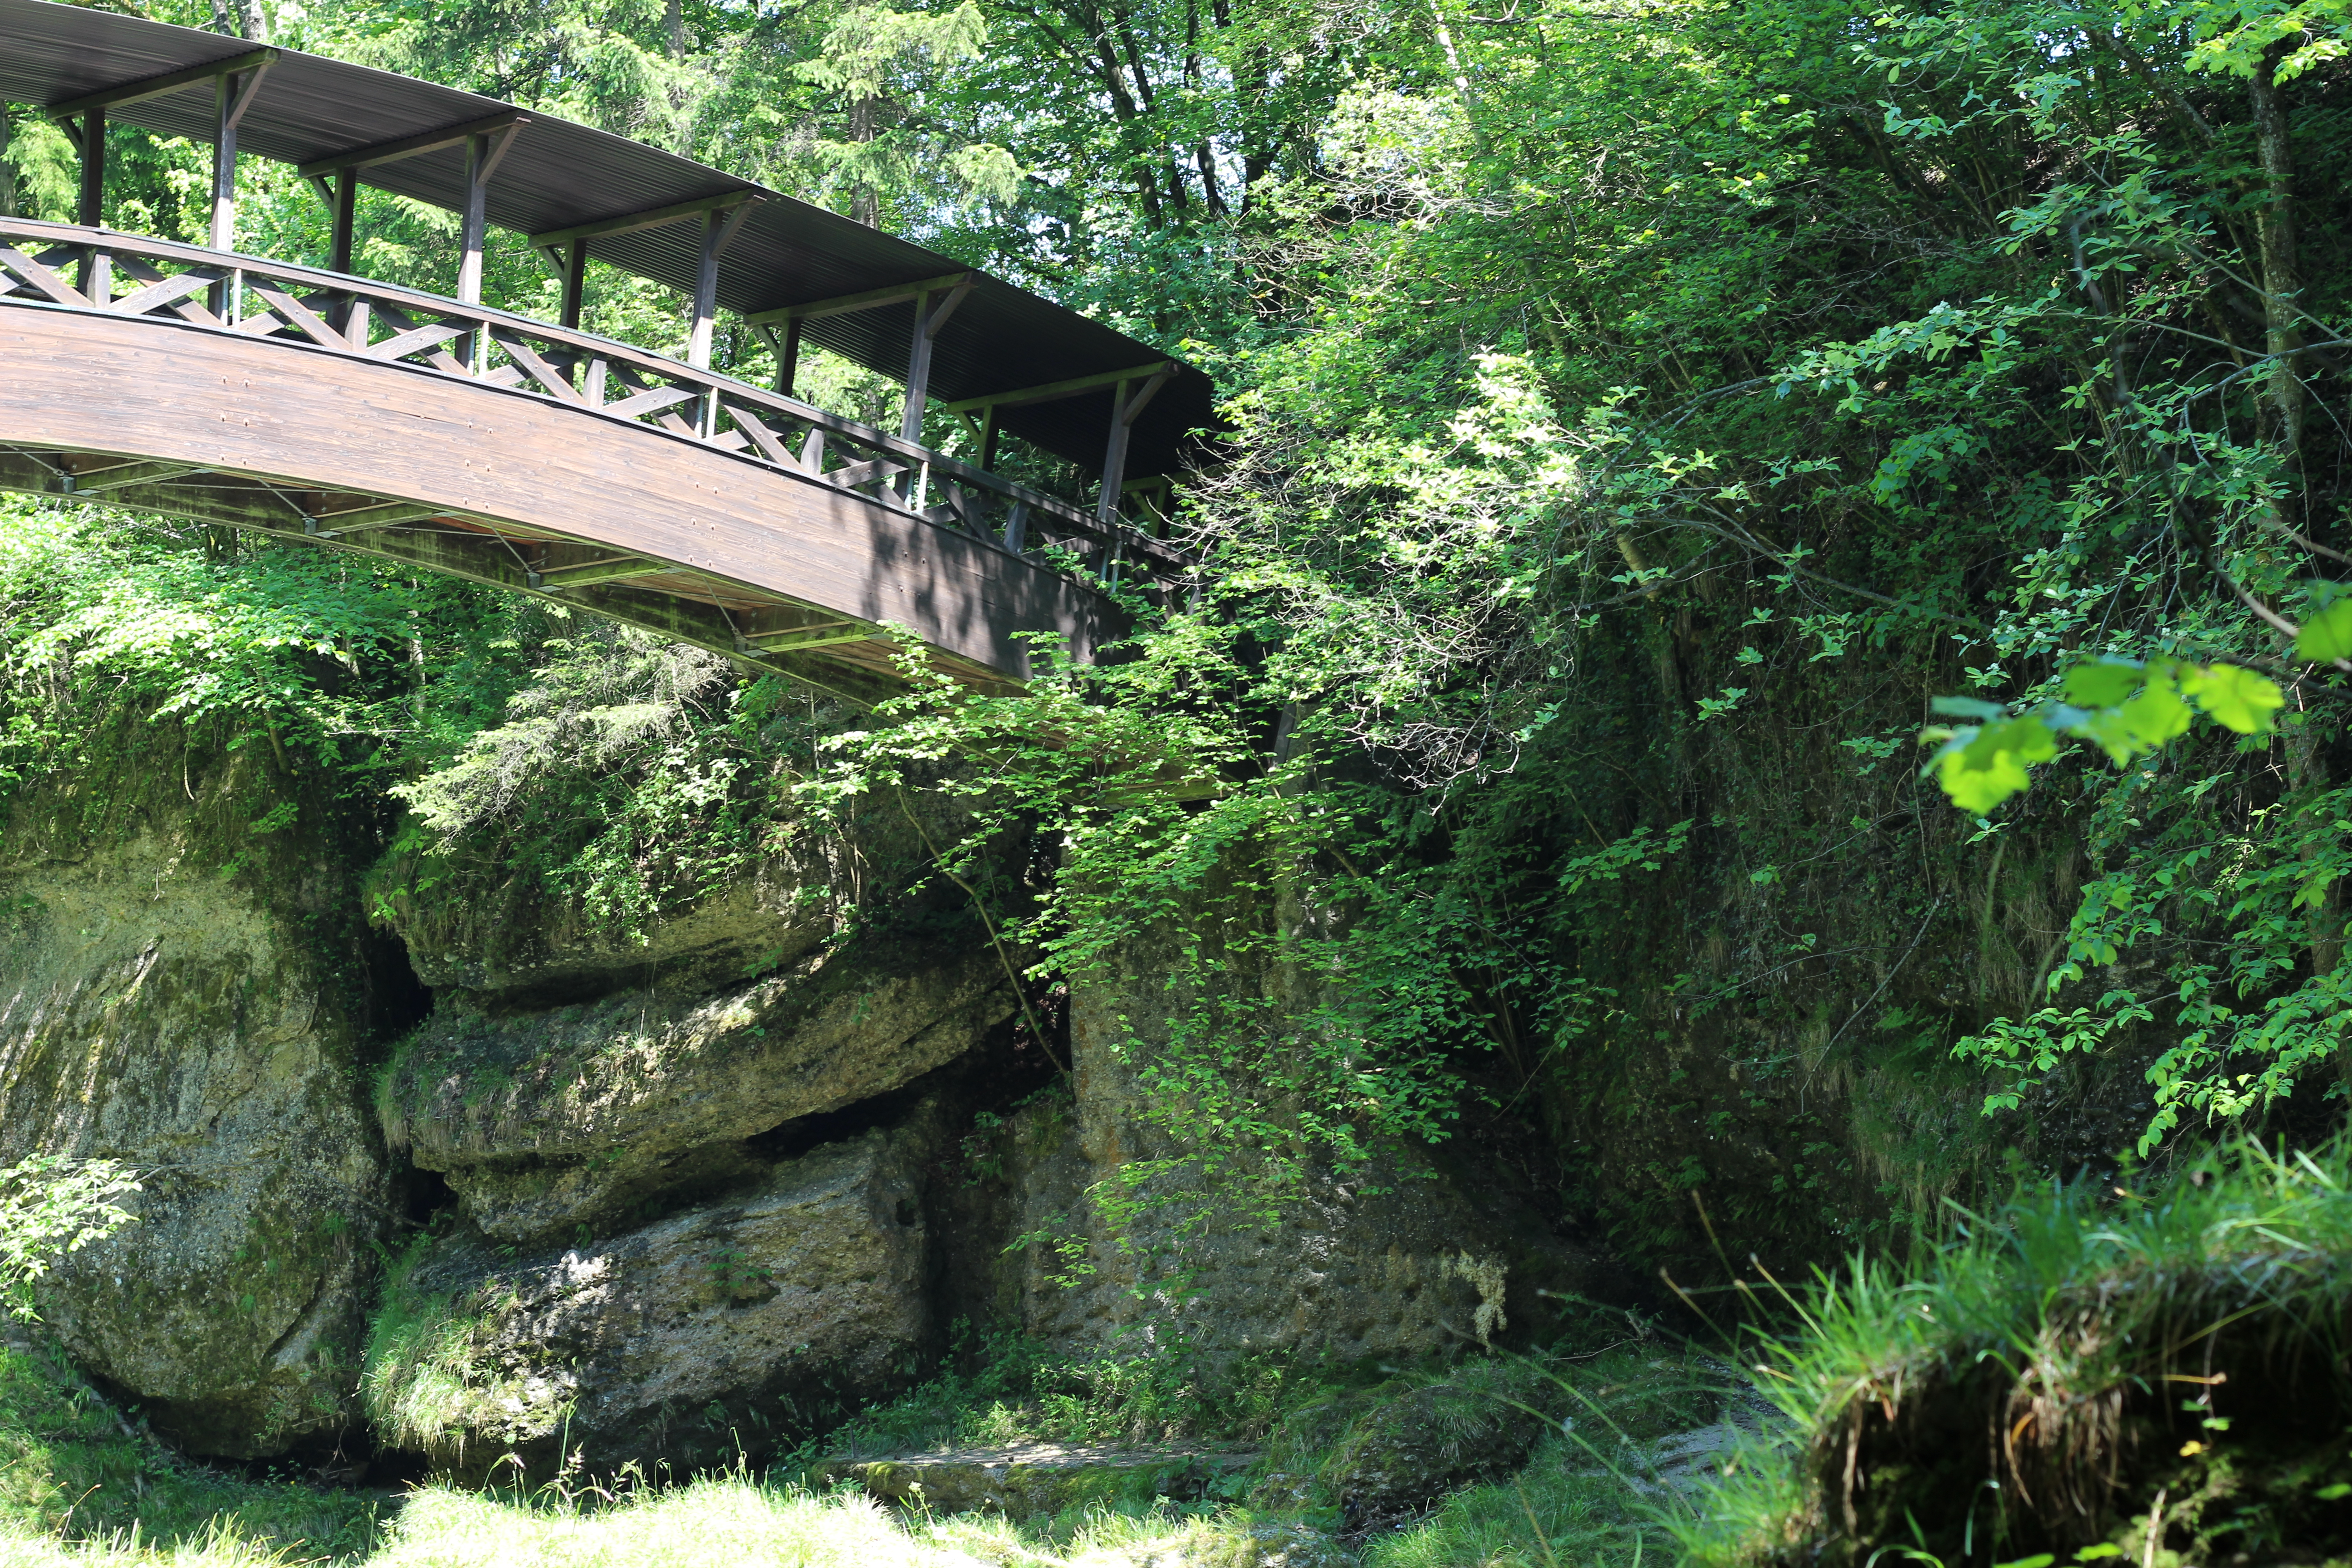 Romantikbrücke erlaufschlucht (31)